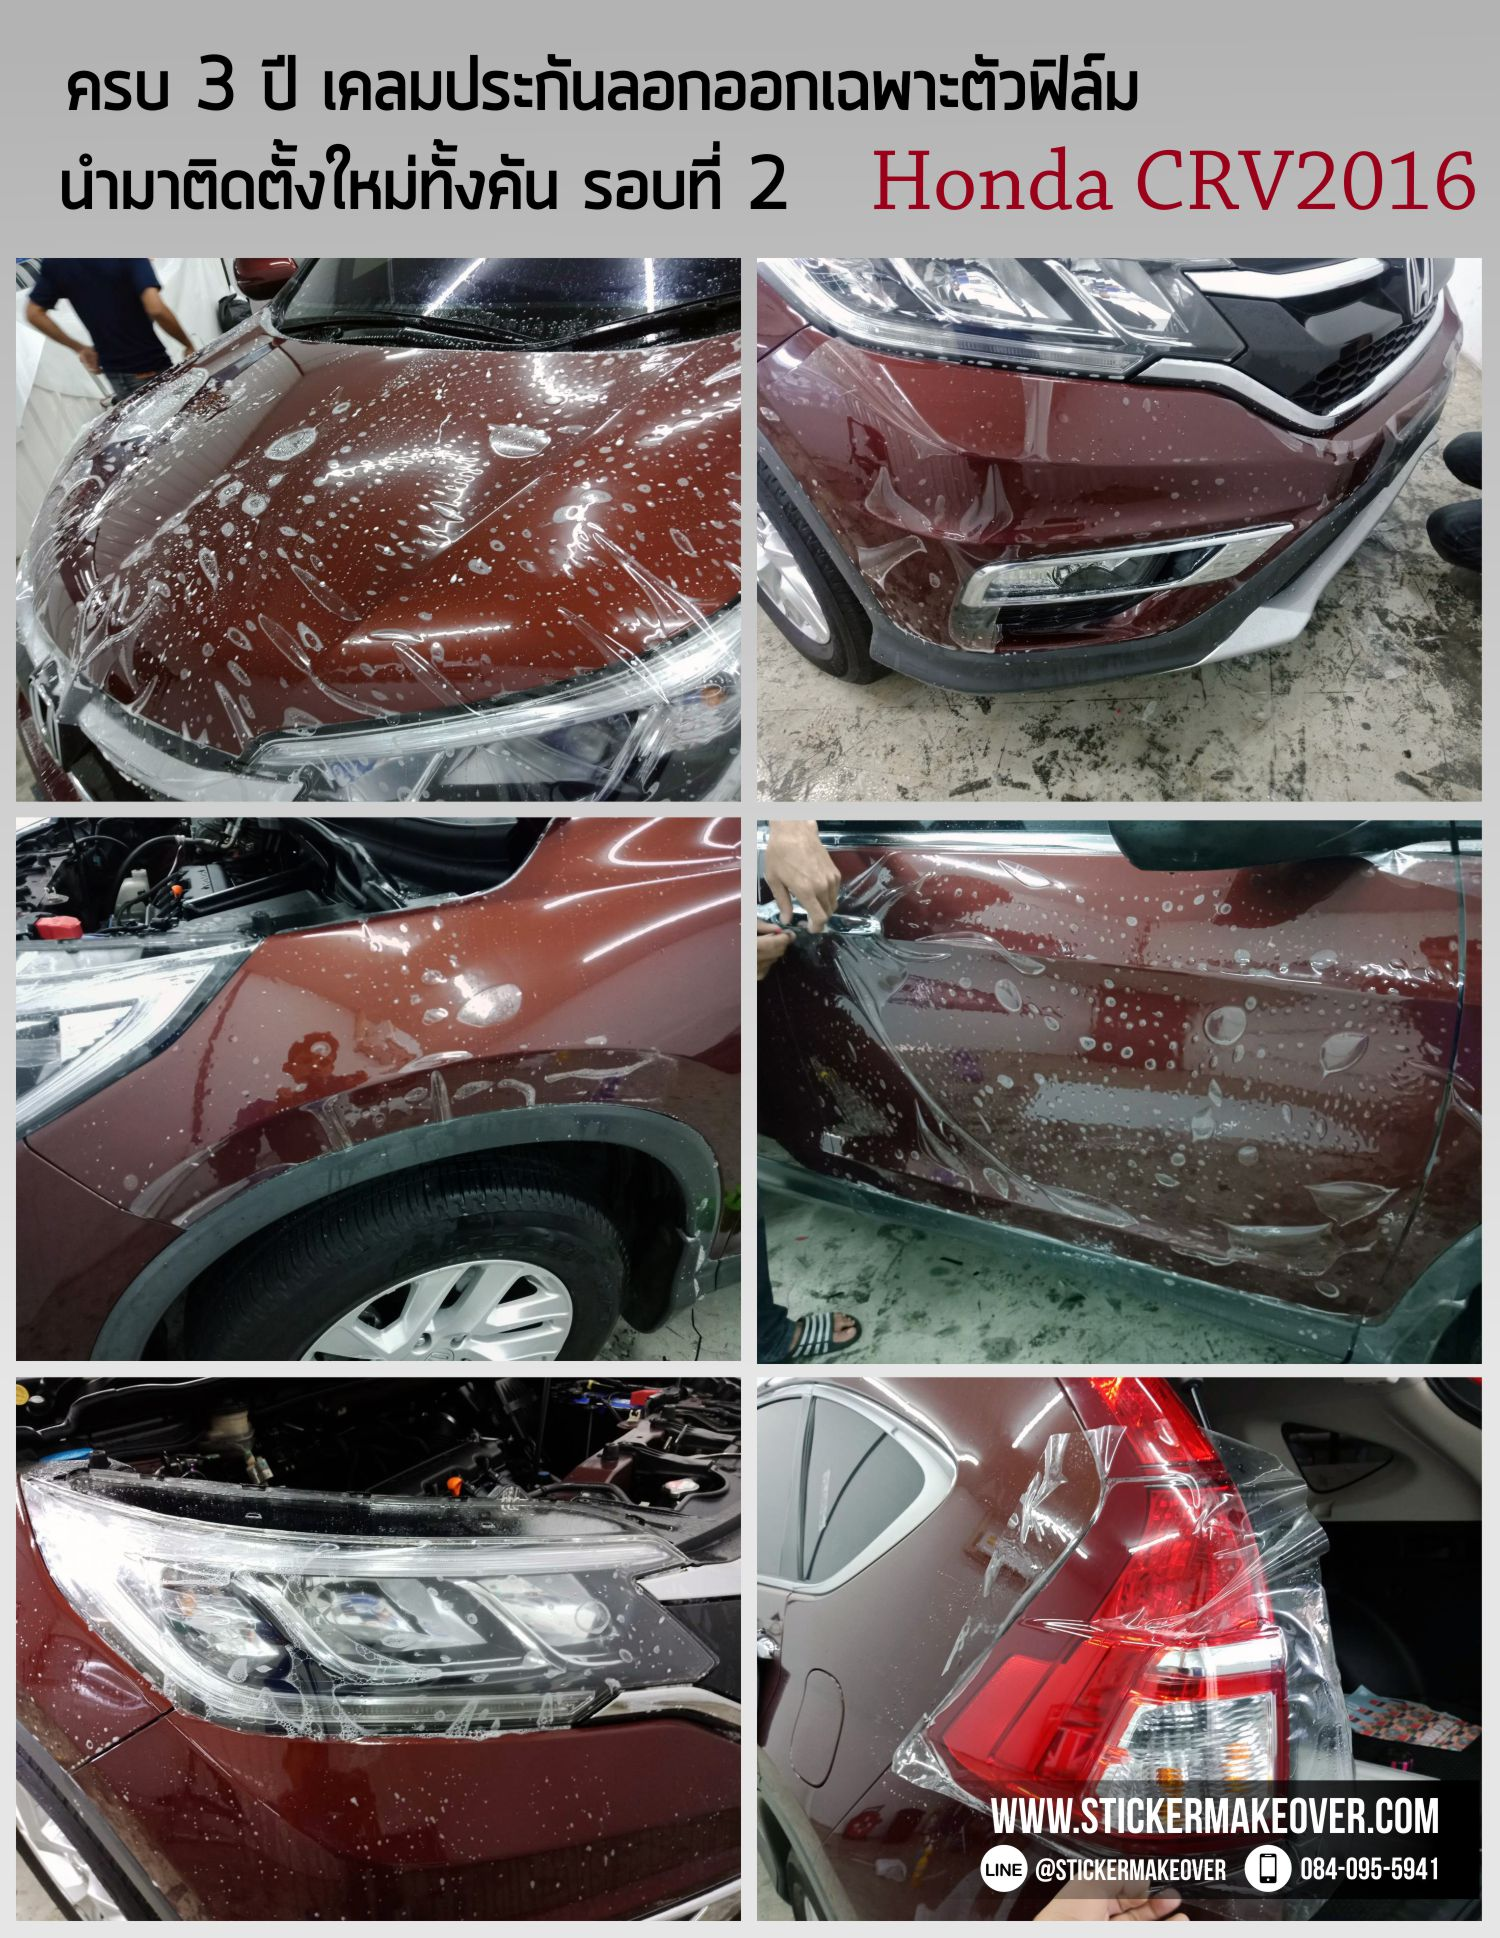 ฟิล์มใสกันรอยรถยนต์ ฟิล์มใสกันสะเก็ดหิน ฟิล์มปกป้องสีรถ paint protection film ppf honada crv